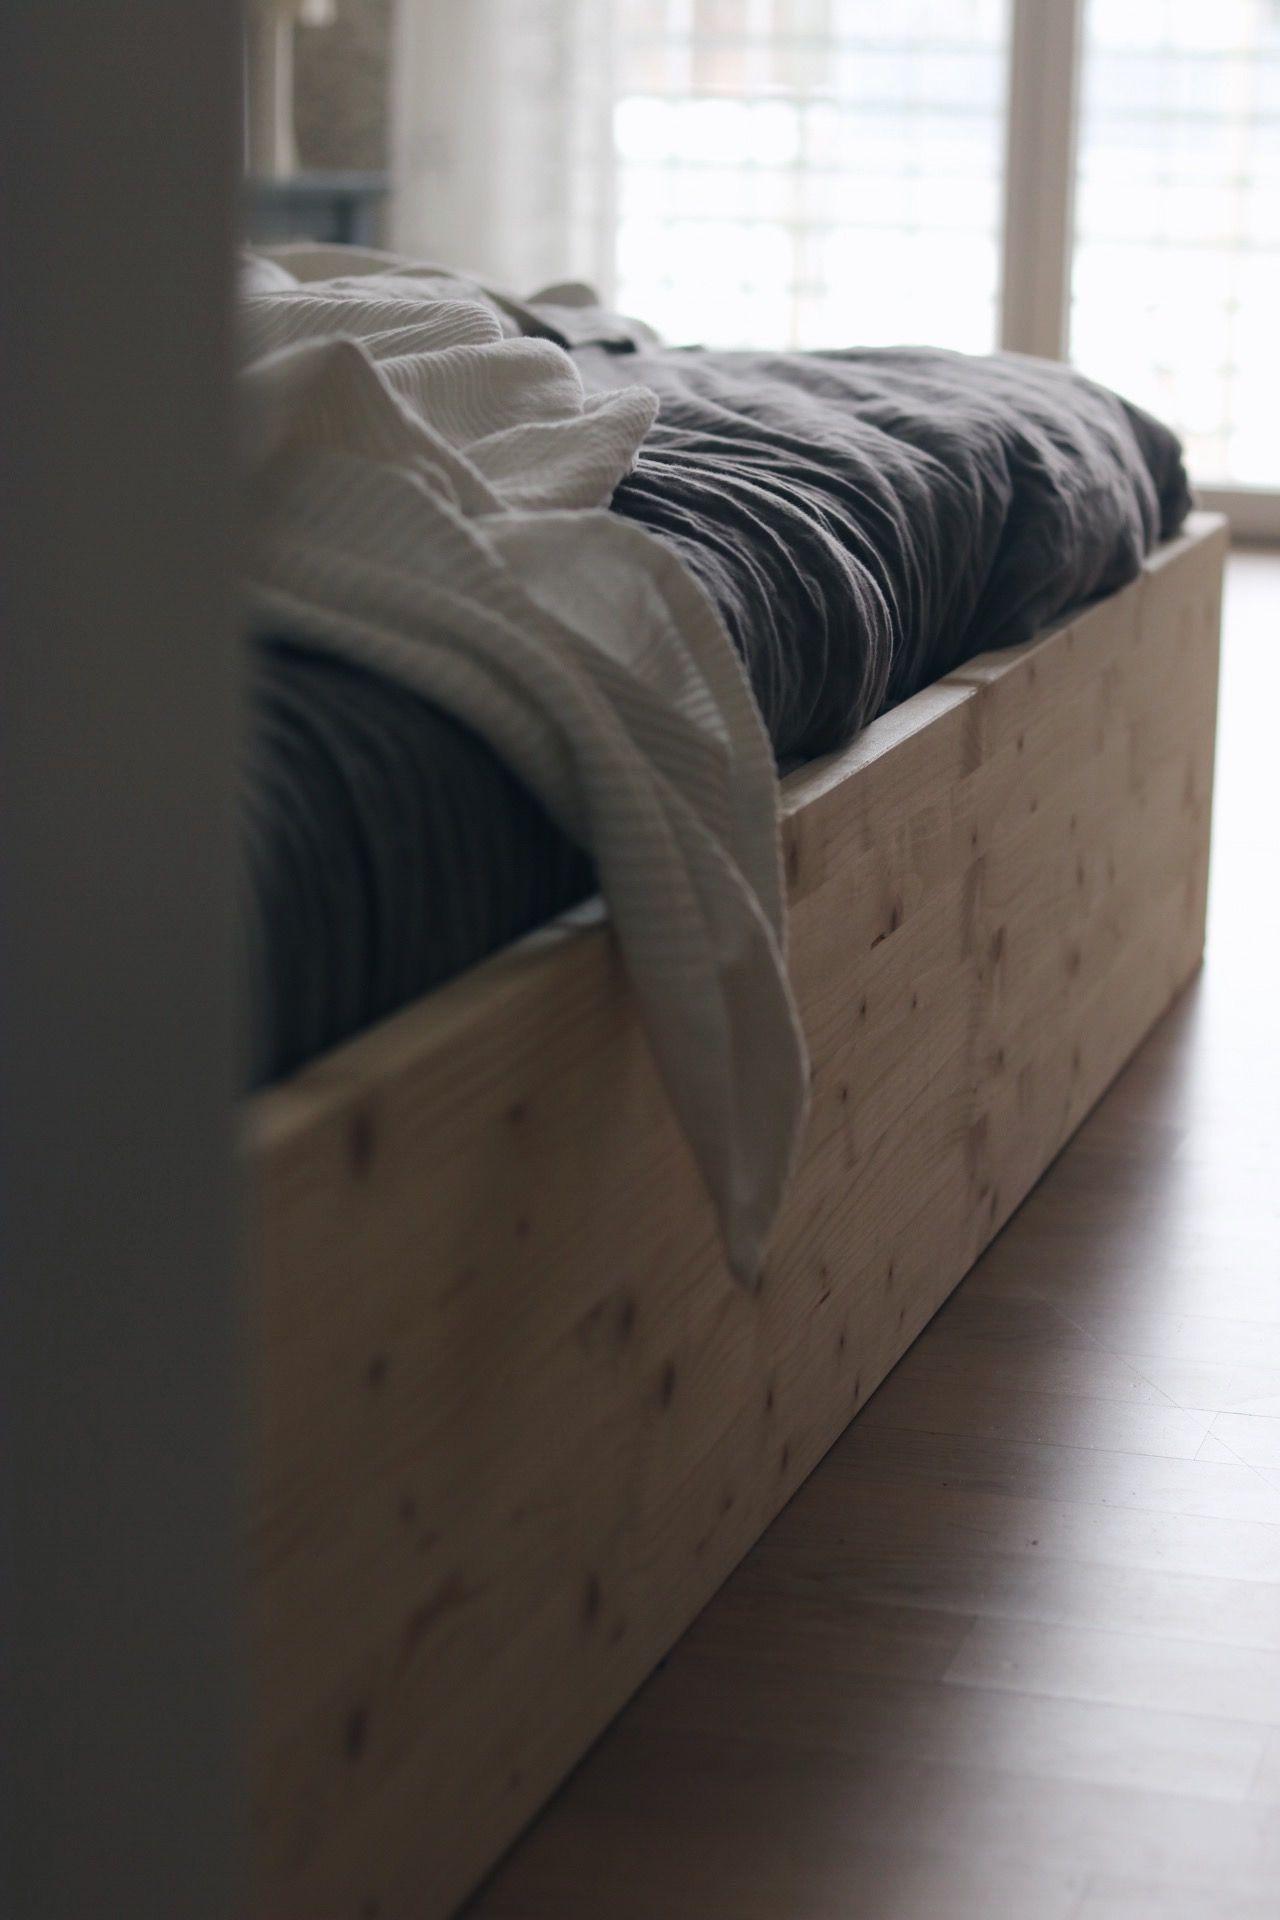 marvelous einfache dekoration und mobel hochwertige matratzen schlafen wie auf wolken #1: DIY // Familienbett mit eve Matratze einfach selber gebaut